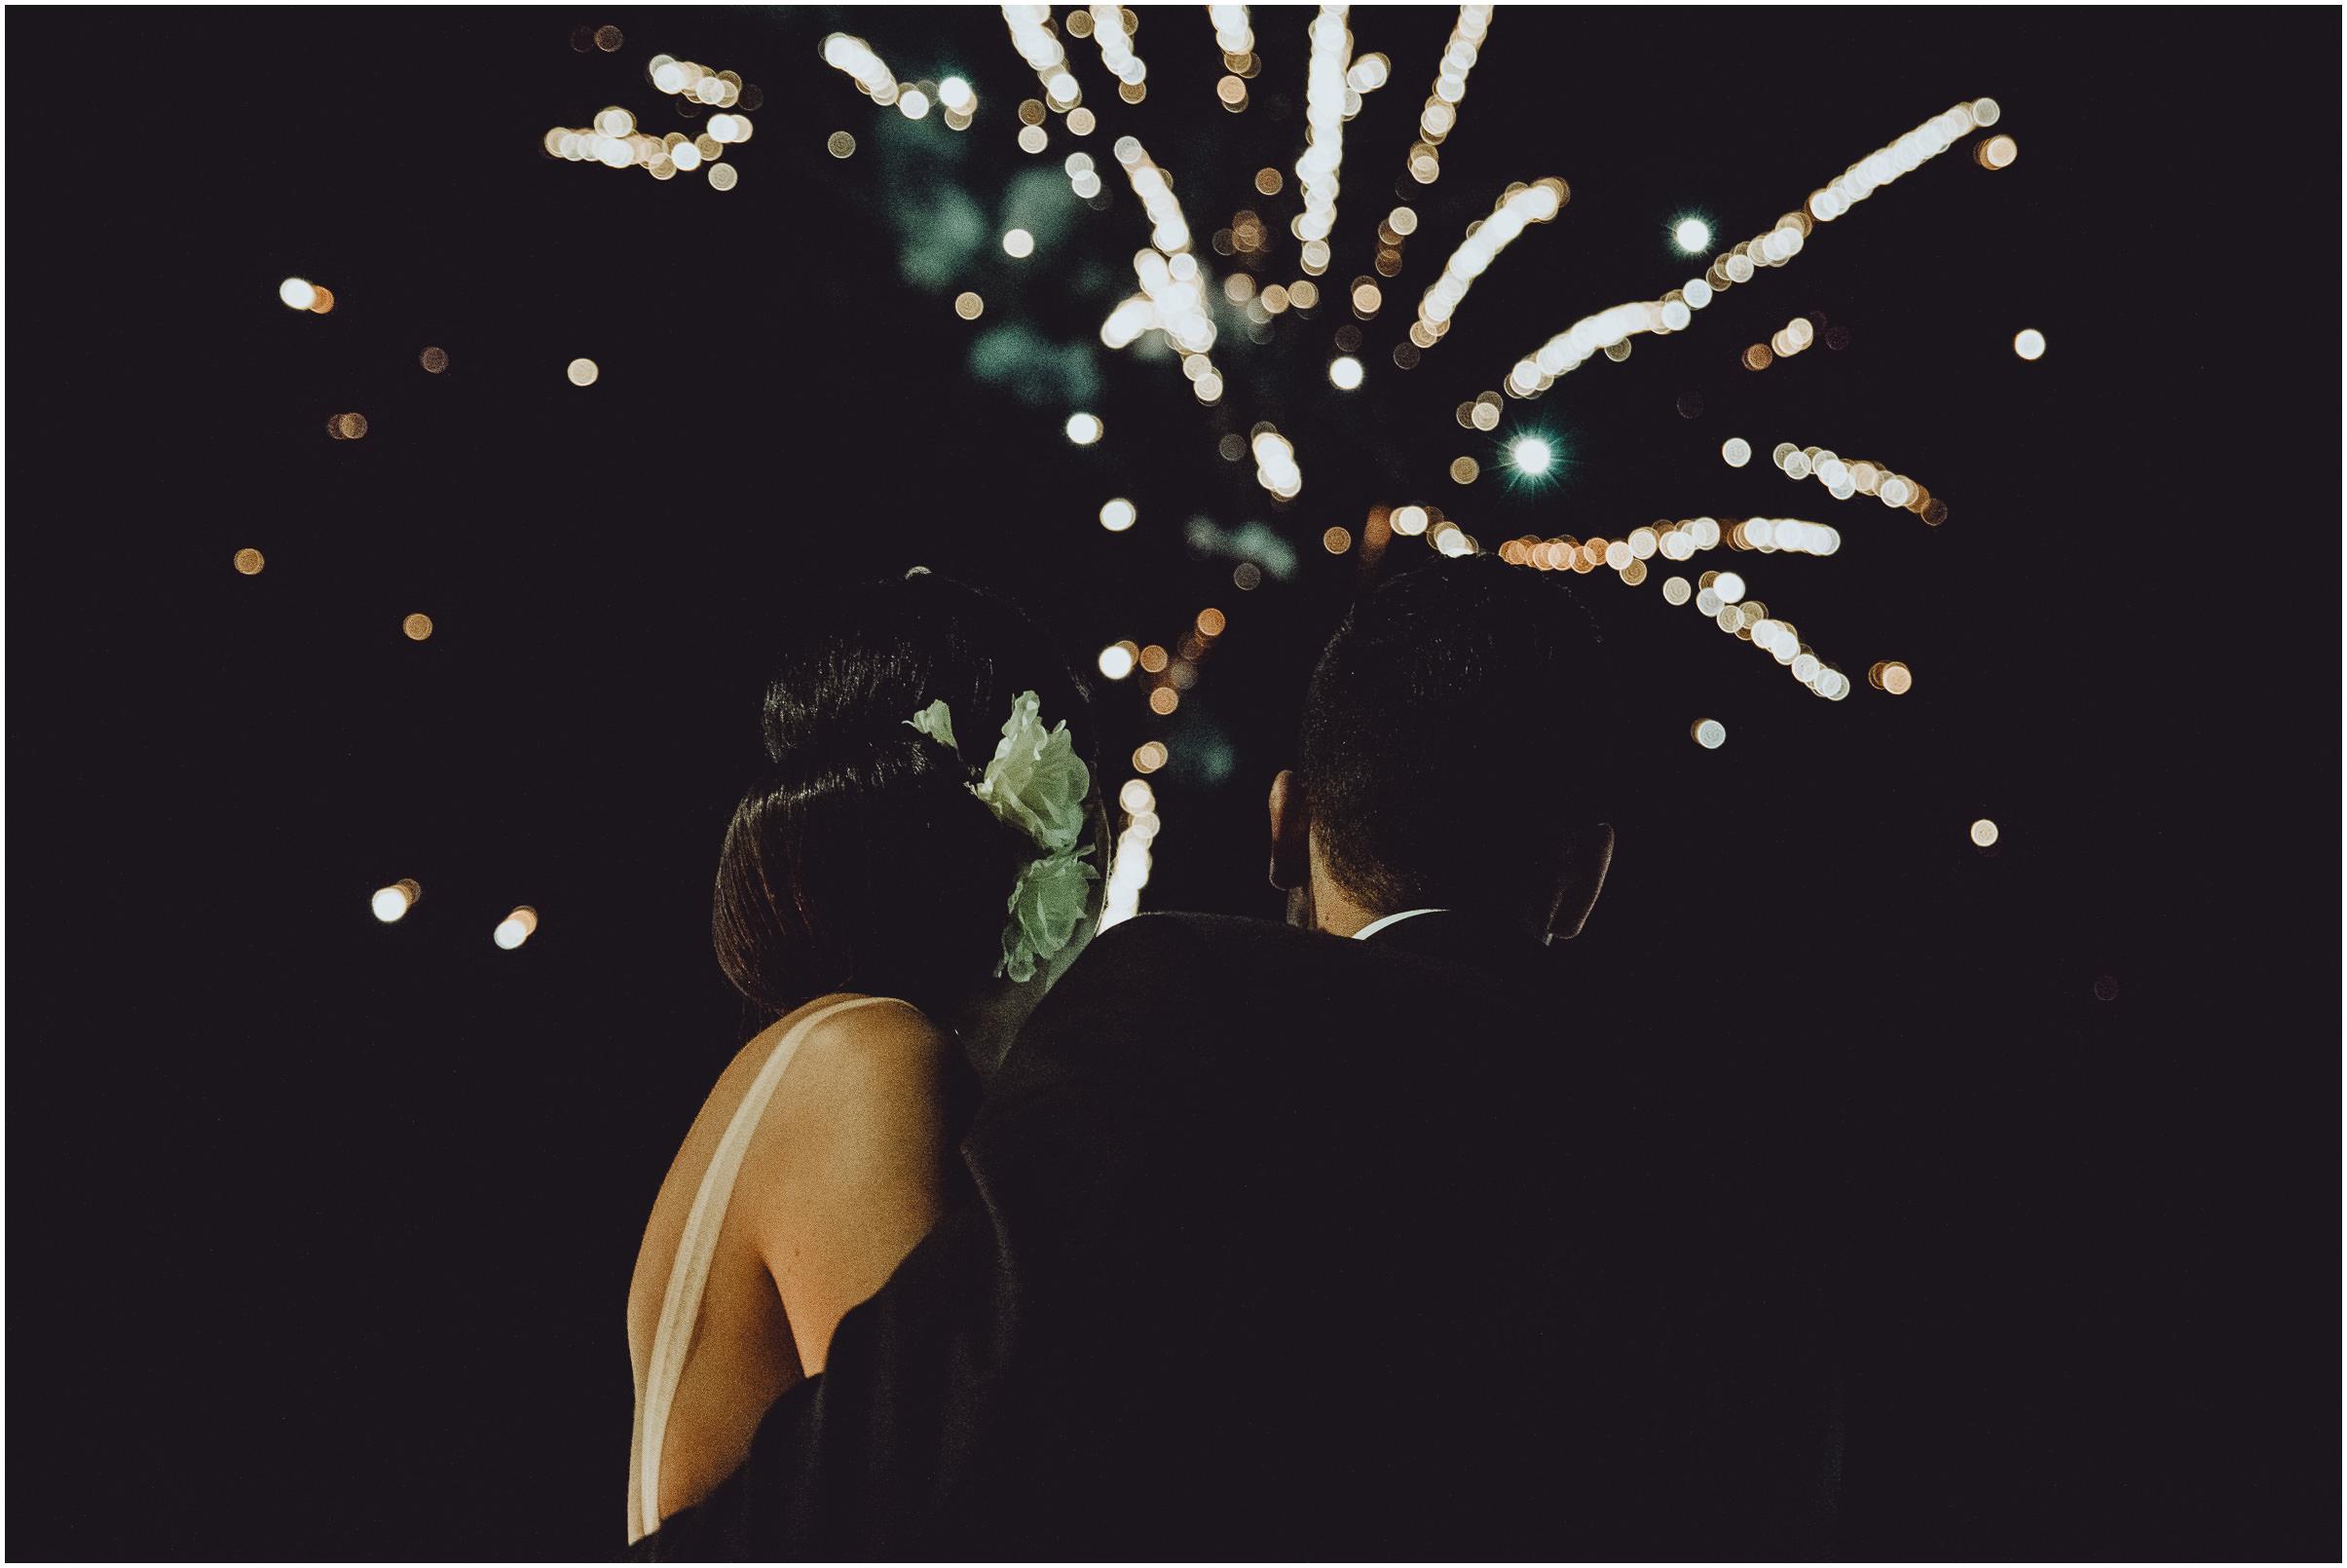 WEDDING-PHOTOGRAPHY-SARA-LORENZONI-FOTOGRAFIA-MATRIMONIO-AREZZO-TUSCANY-EVENTO-LE-SPOSE-DI-GIANNI-ELISA-LUCA067